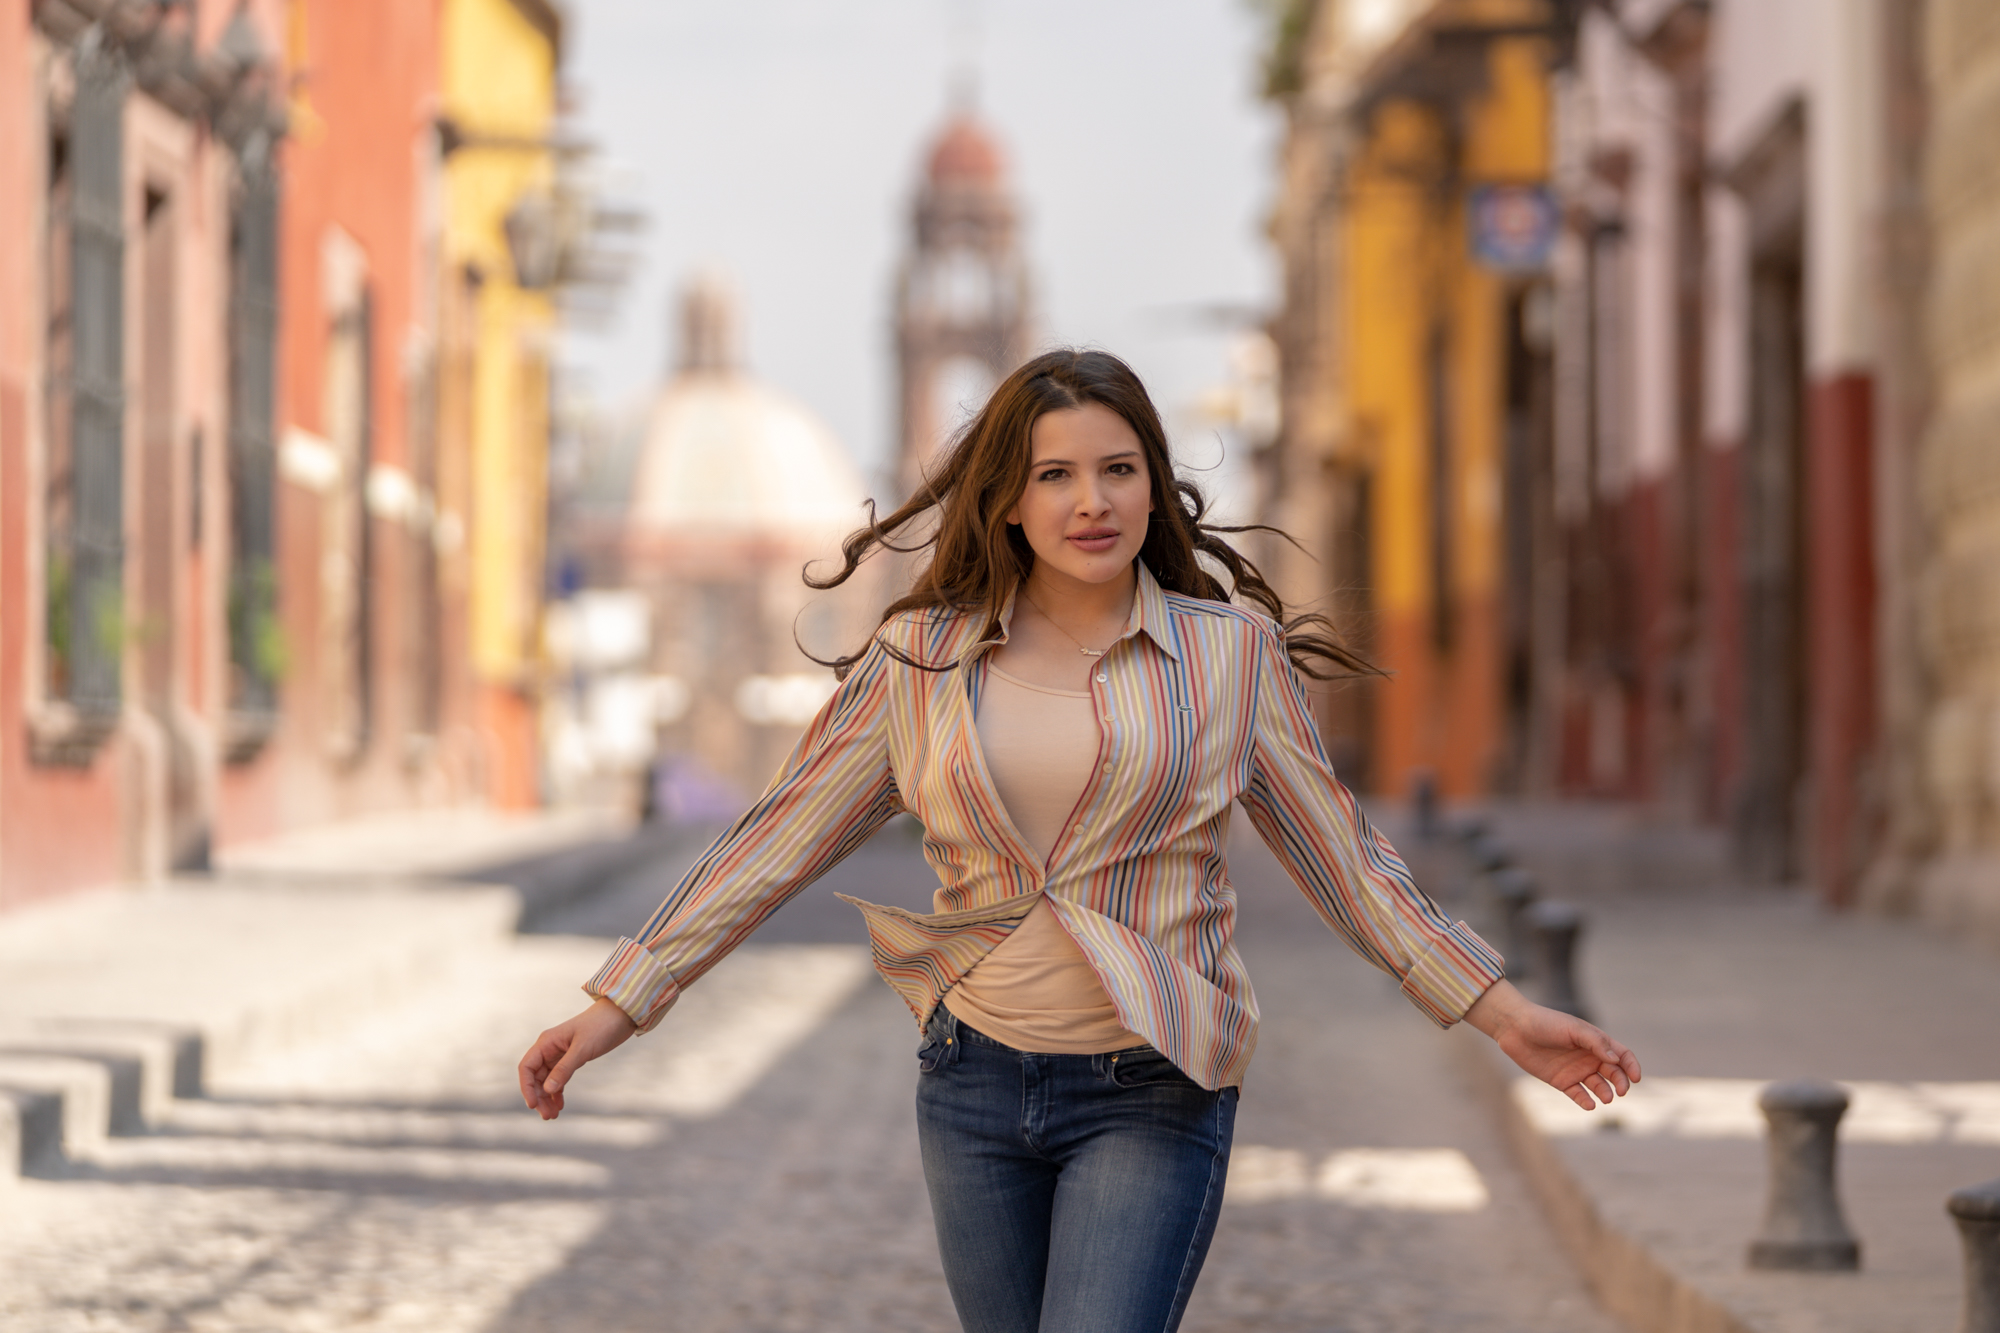 Sesion de Fotos en San Miguel de Allende con Rogelio y su Fmailia-25.jpg